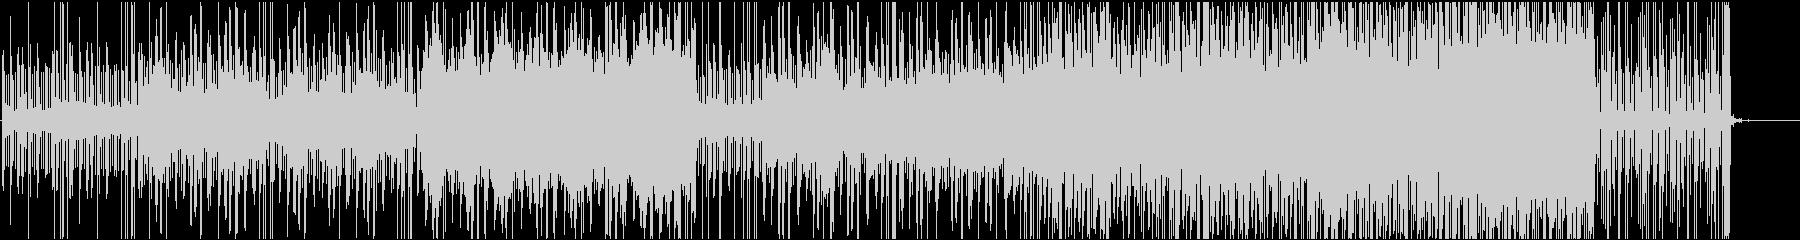 声の広がりが心地よい不思議なシンセの曲の未再生の波形